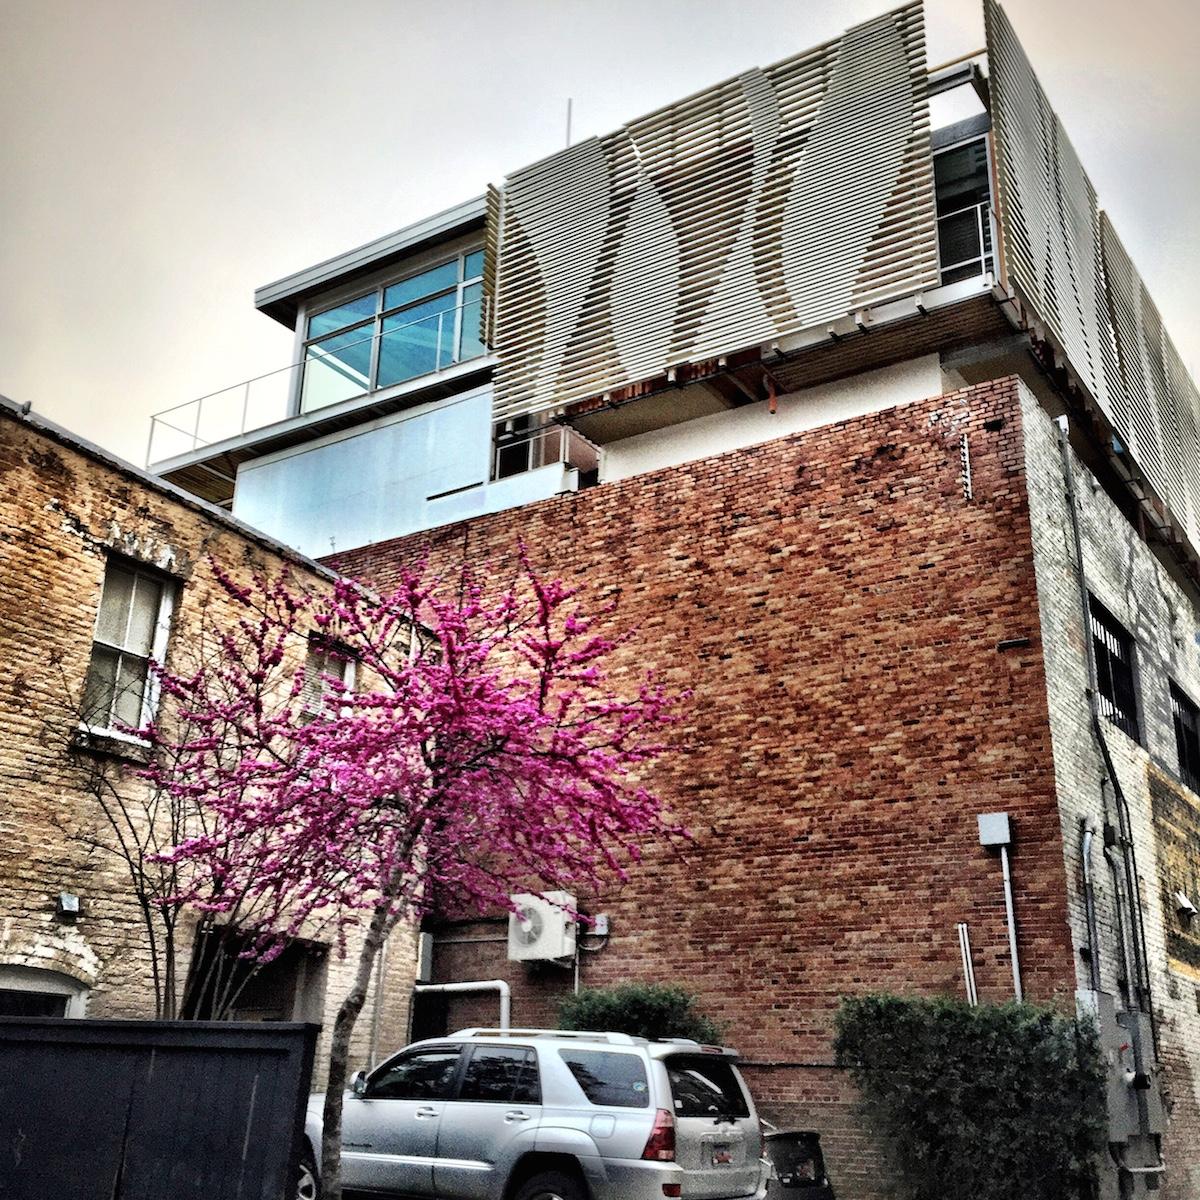 Private residence. Architects: Kevan Hoertdoerfer Architects